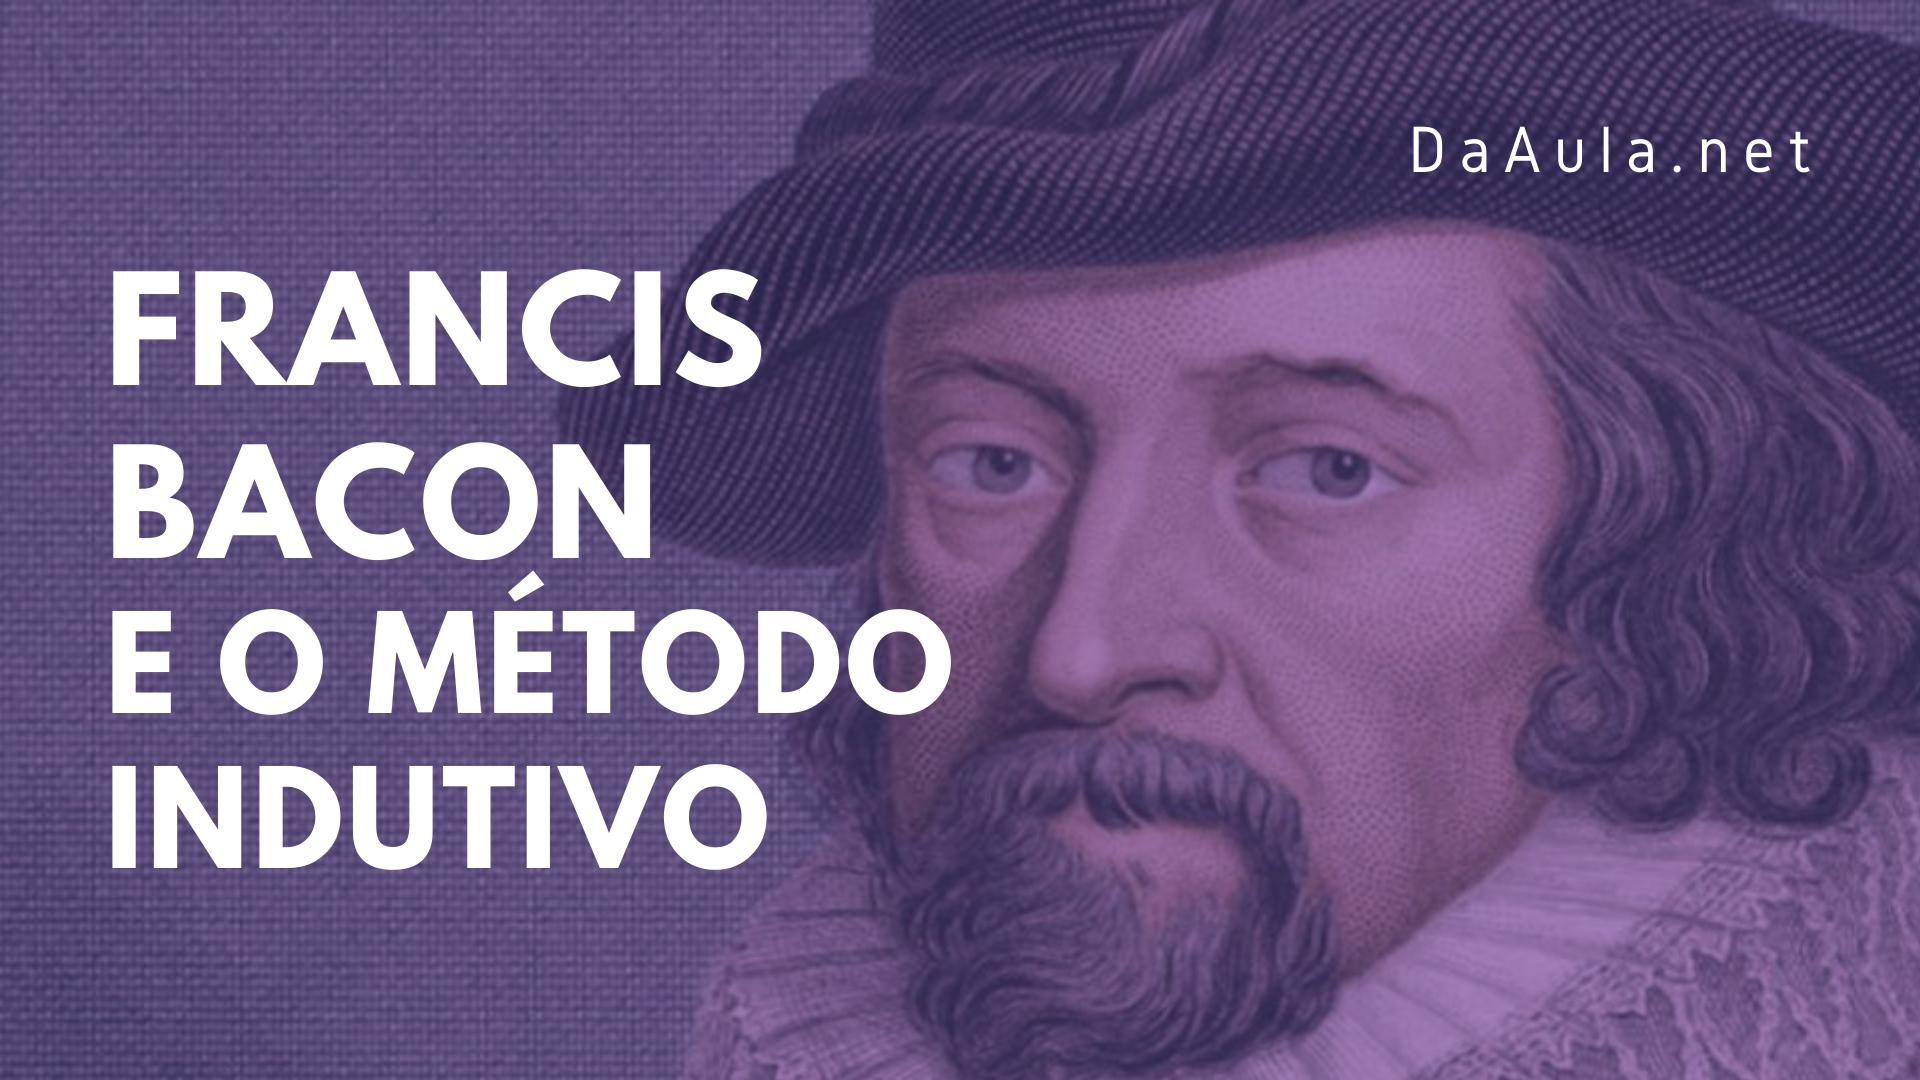 Filosofia: Francis Bacon e o método indutivo